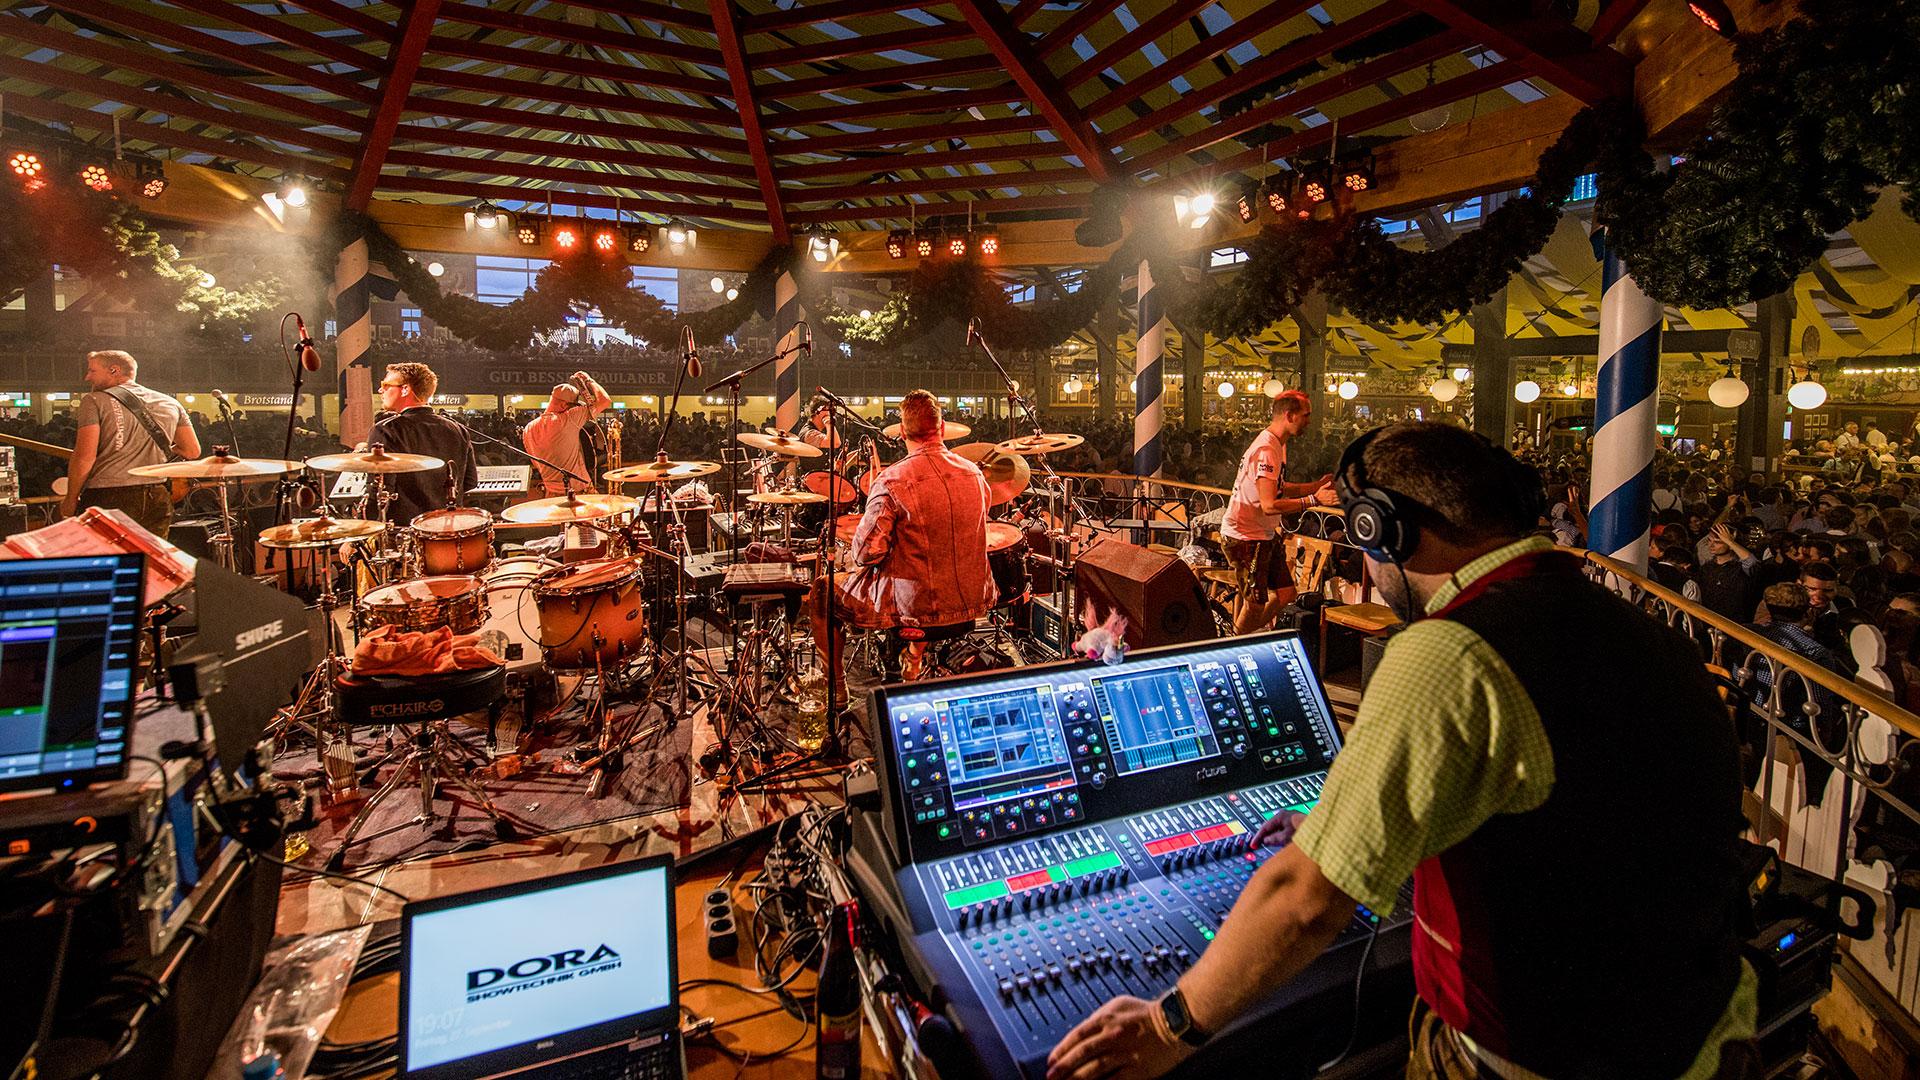 Paulaner_Oktoberfest2019_JB-Lighting_P18_Dora_Showtechnik_6.jpg